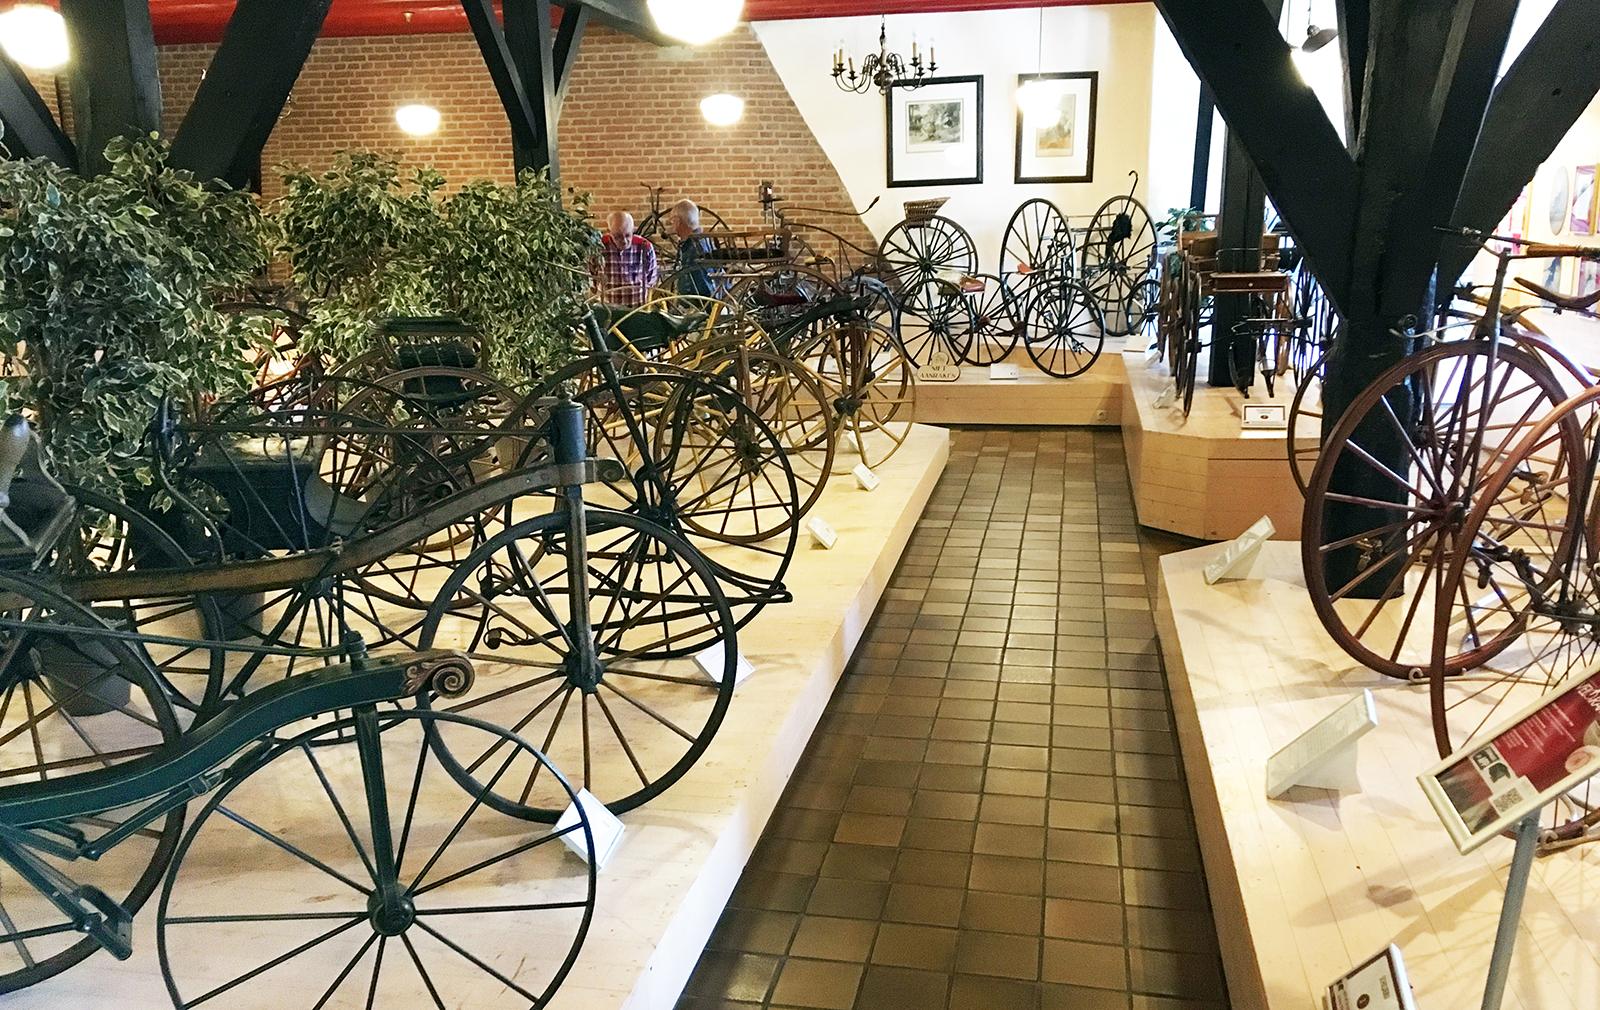 Velorama fietsmuseum Nijmegen